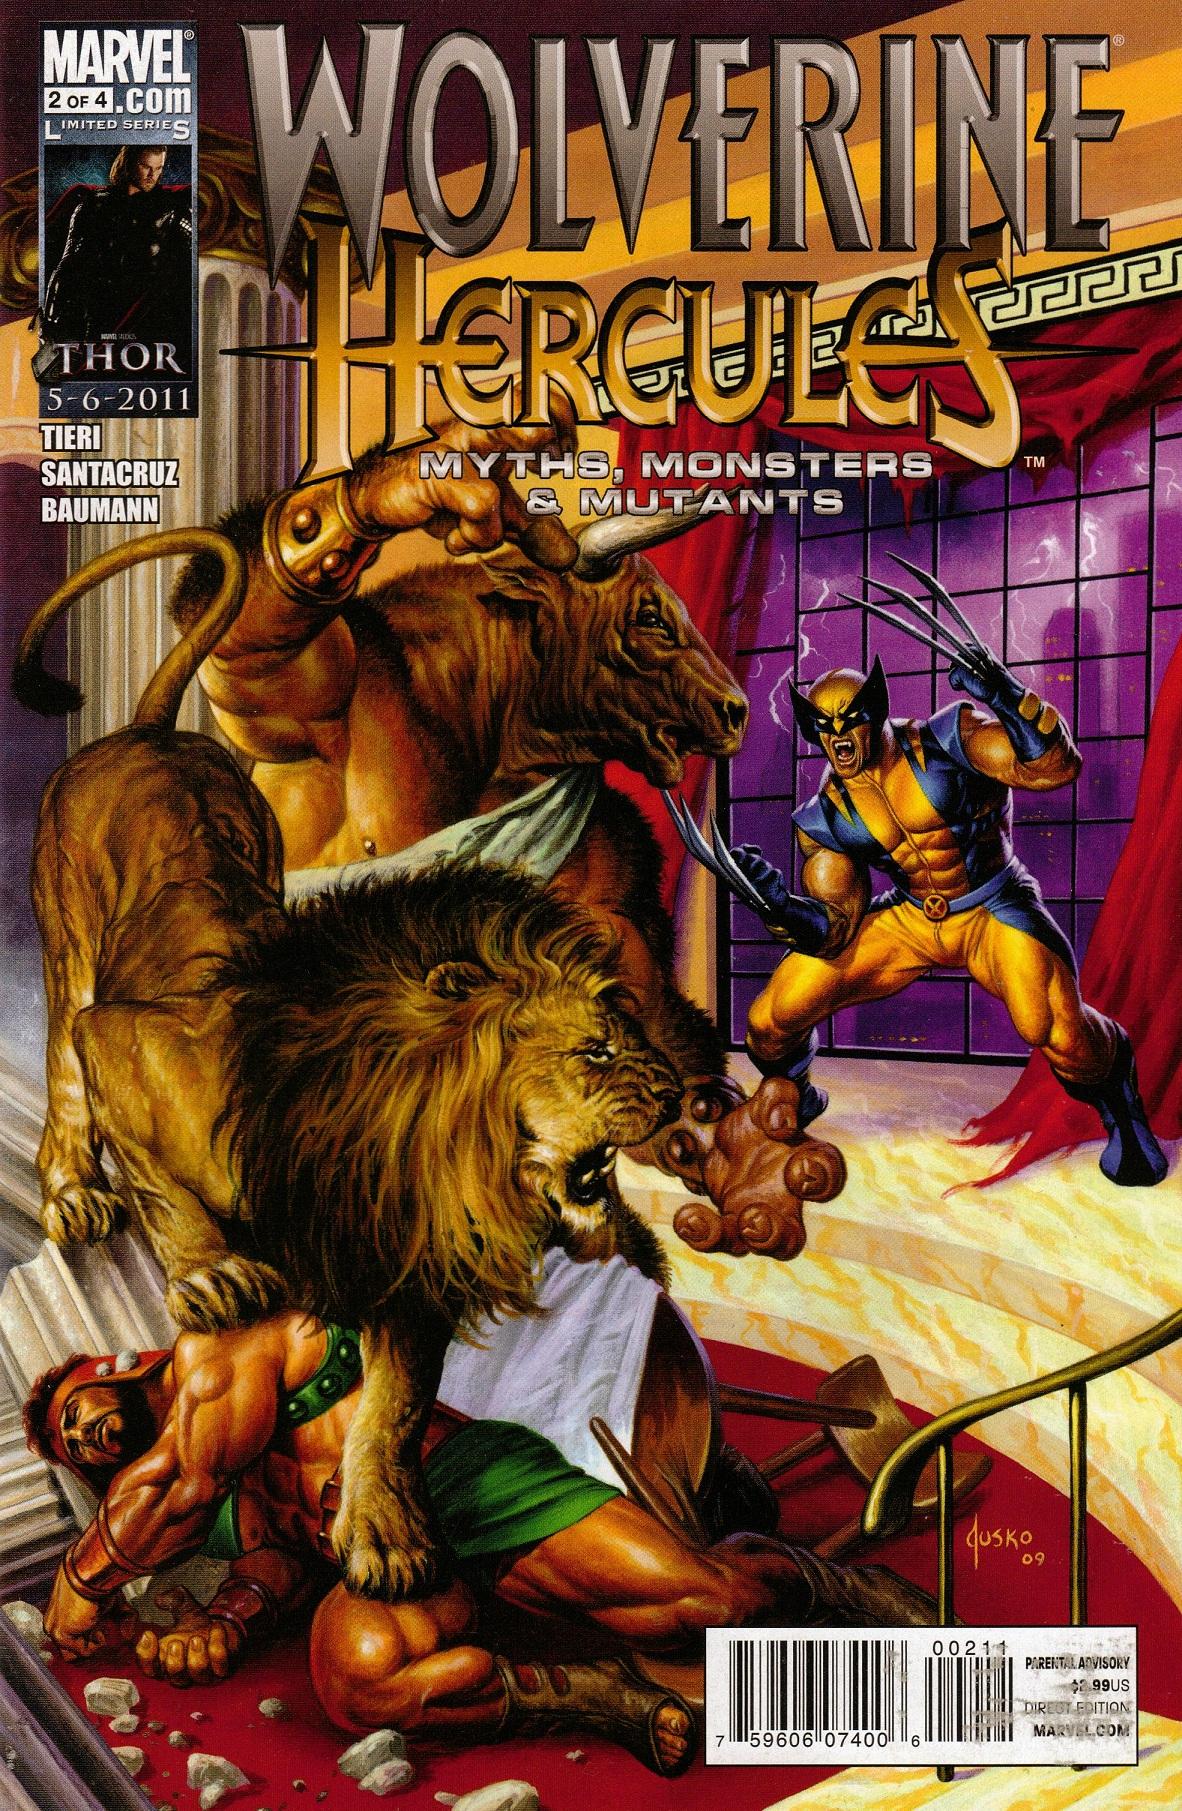 Wolverine/Hercules: Myths, Monsters & Mutants Vol 1 2